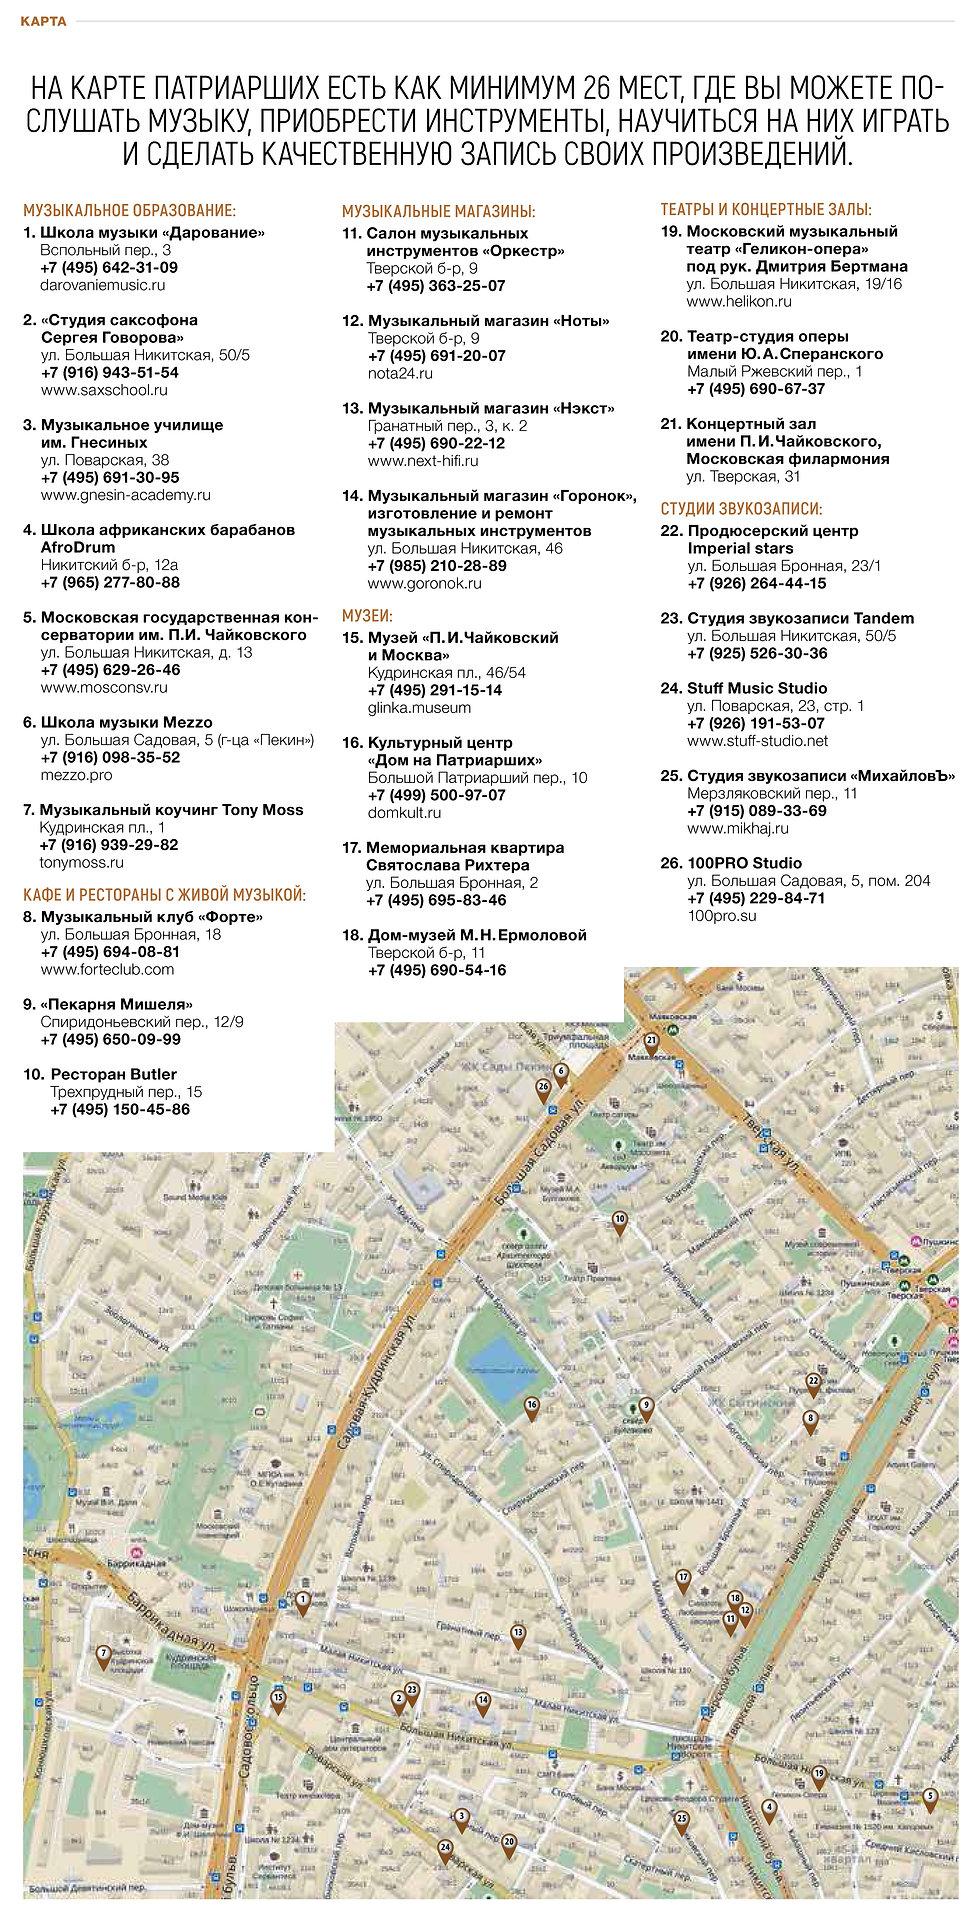 музыкальная карта.jpg